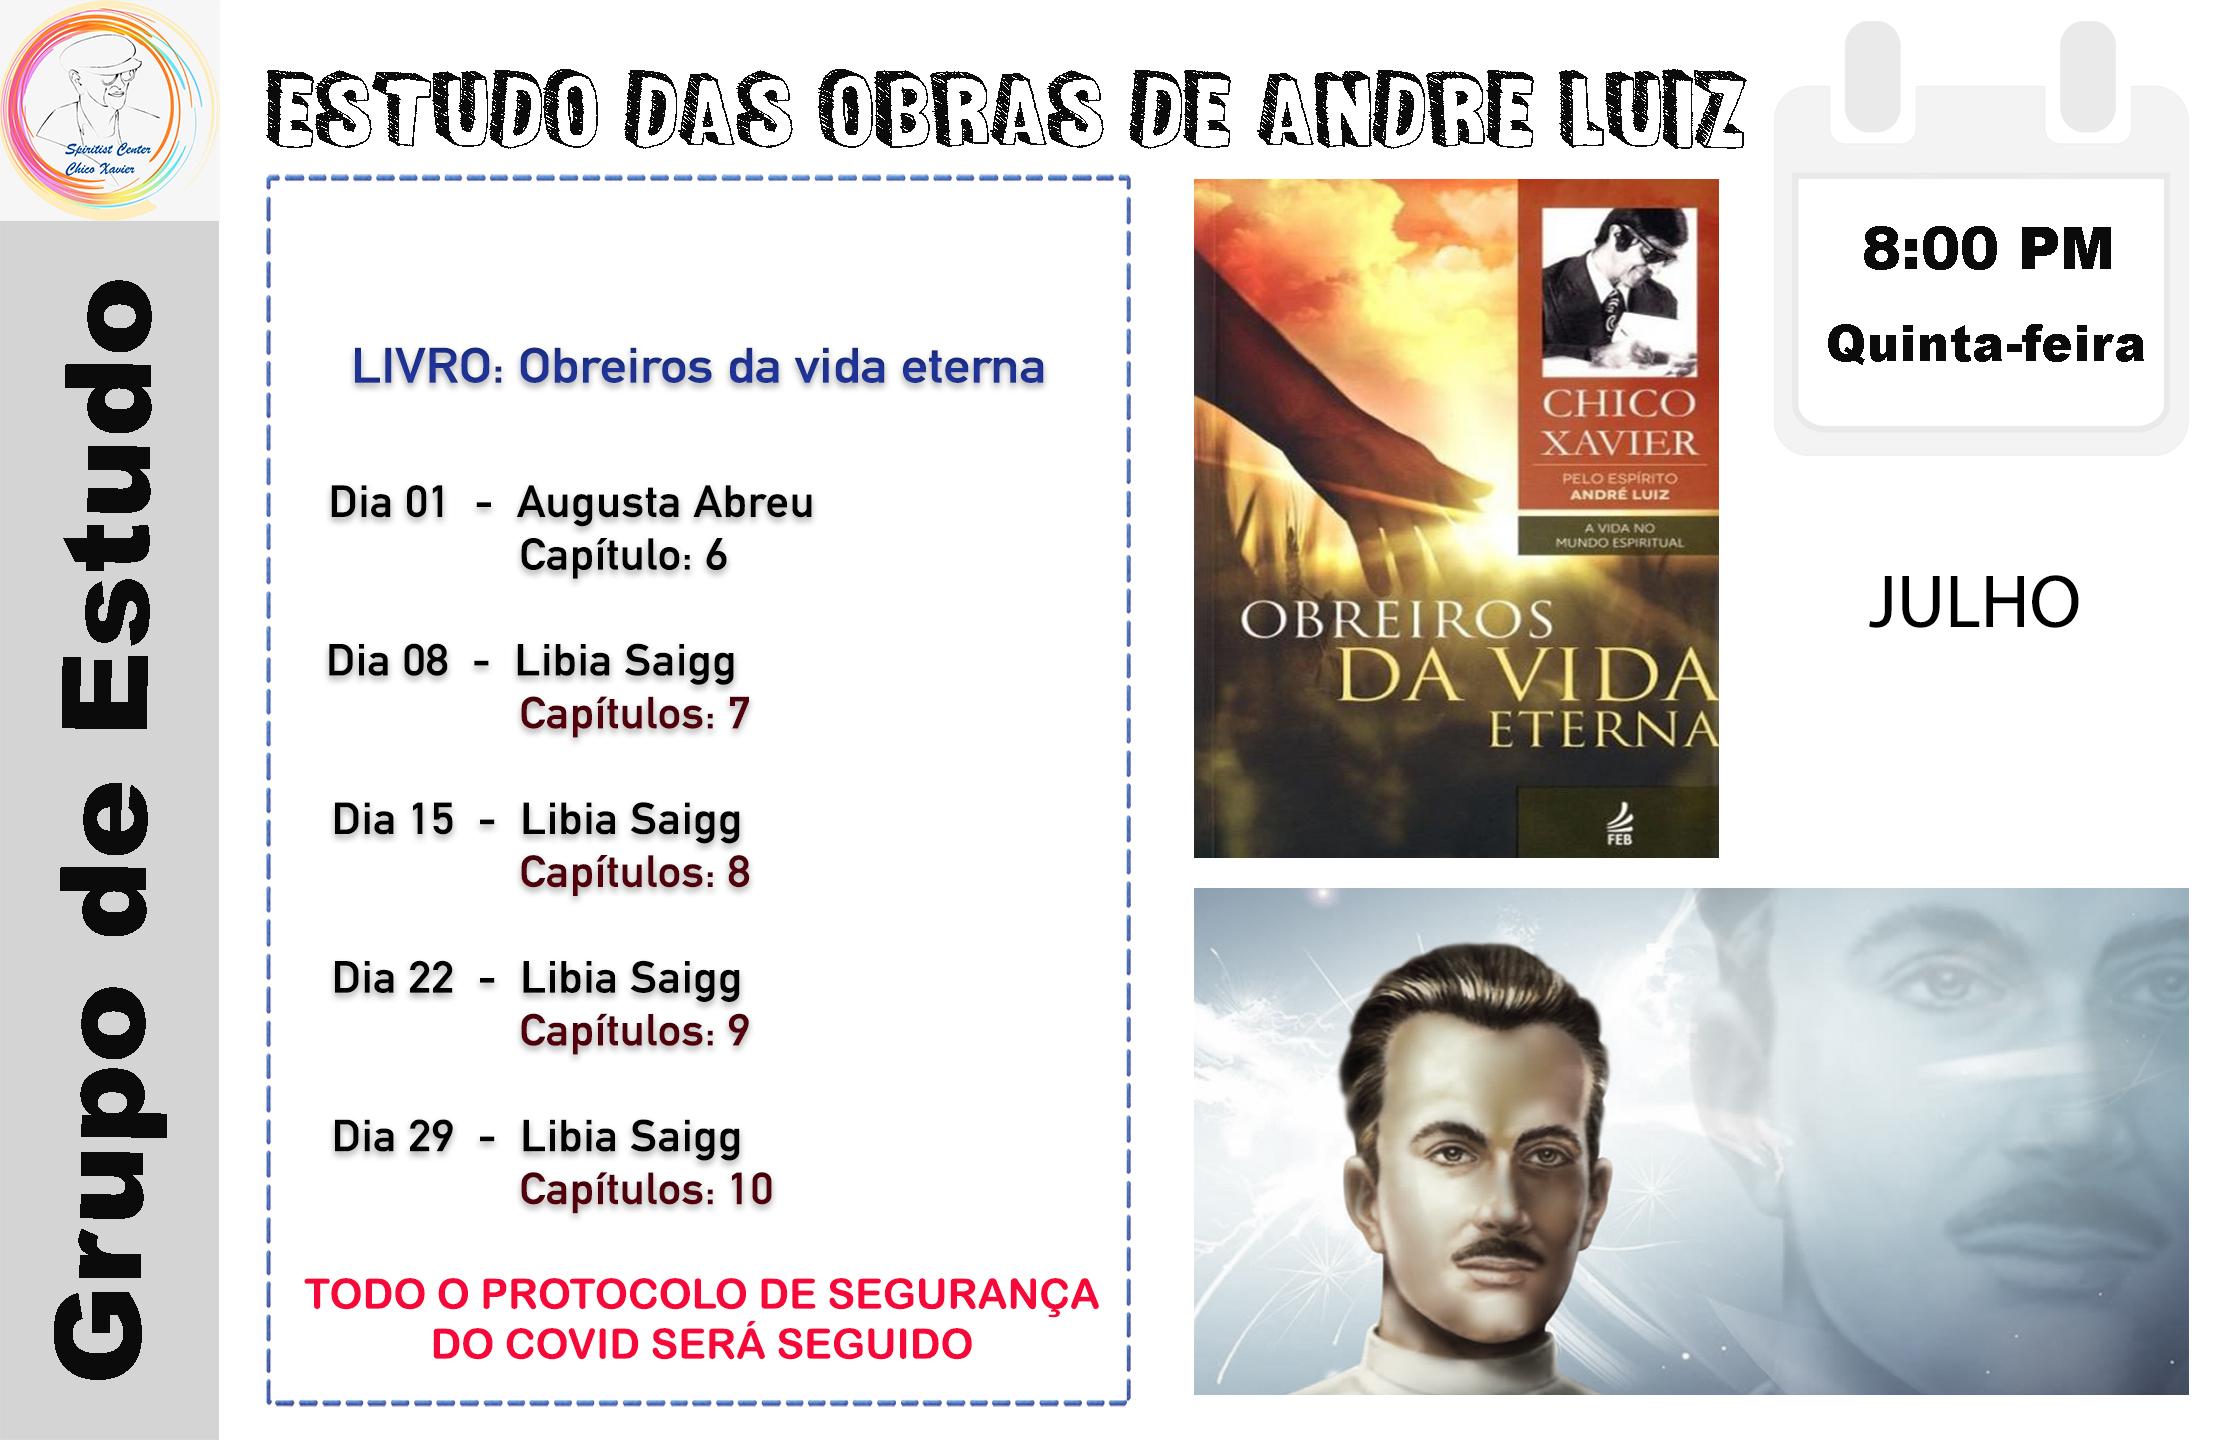 Obras de Andre Luiz Julho 21